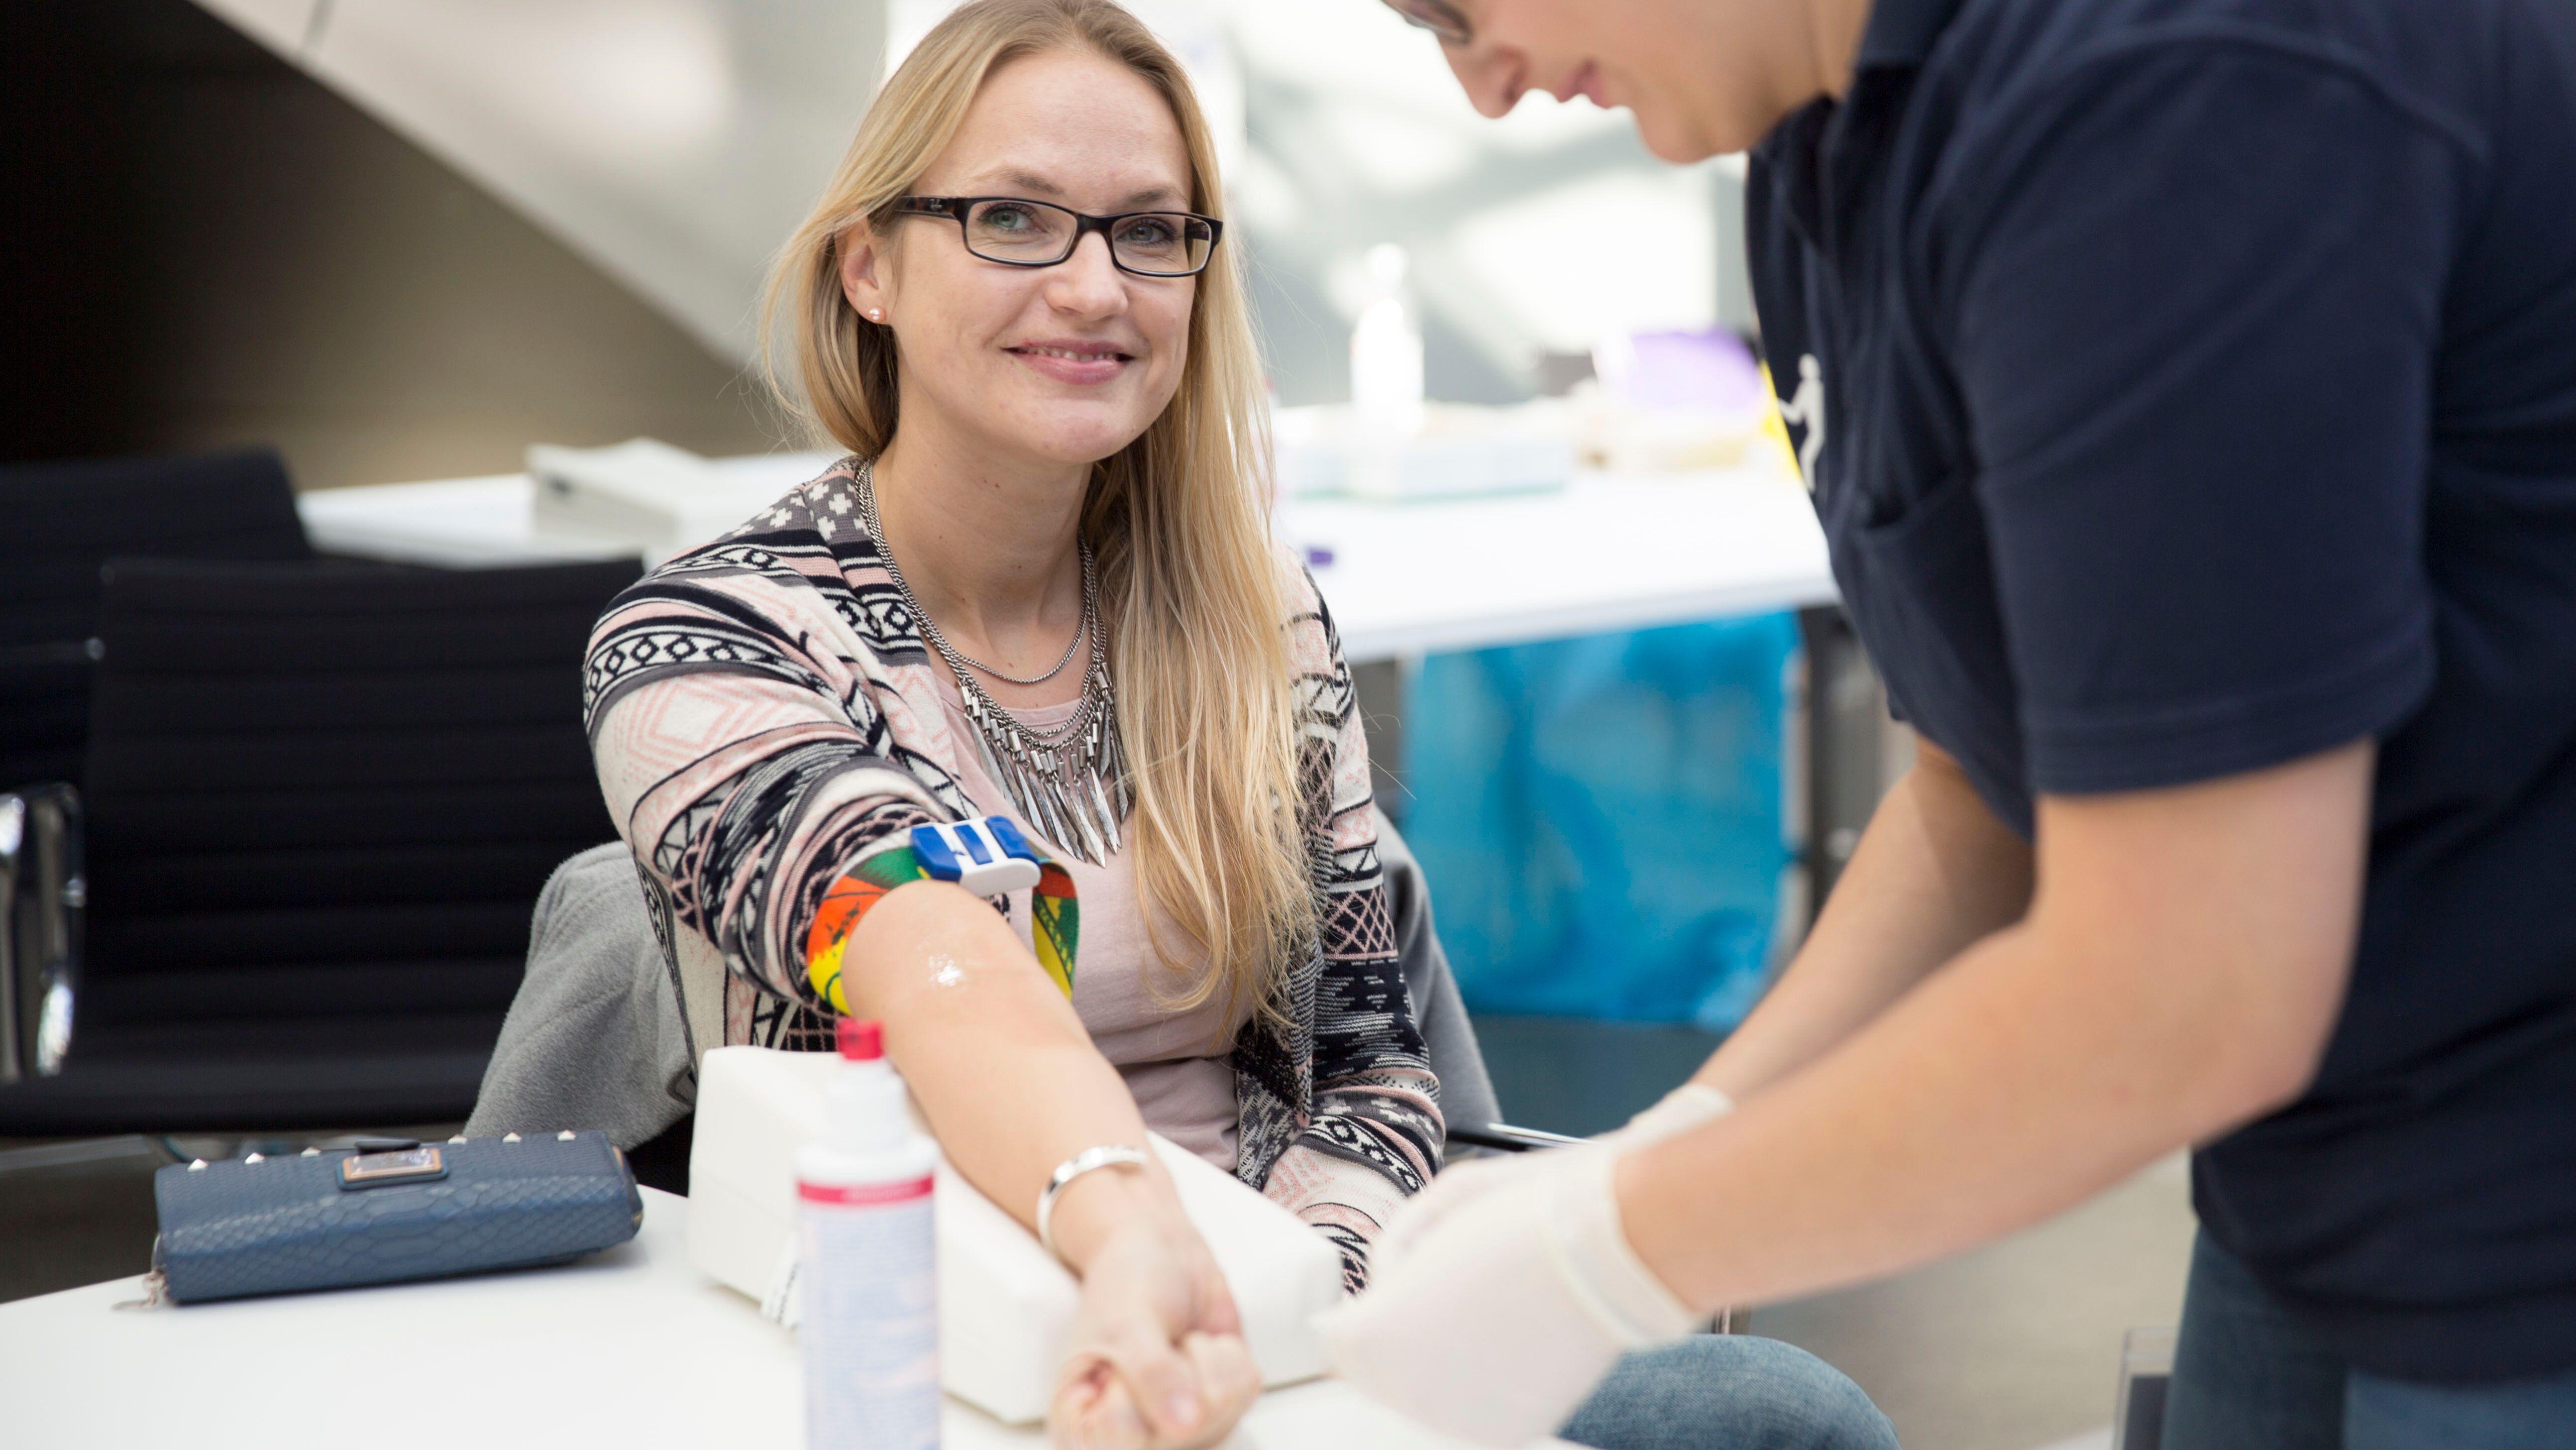 Eine potenzielle Stammzellenspenderin bei einer Typisierungsaktion.